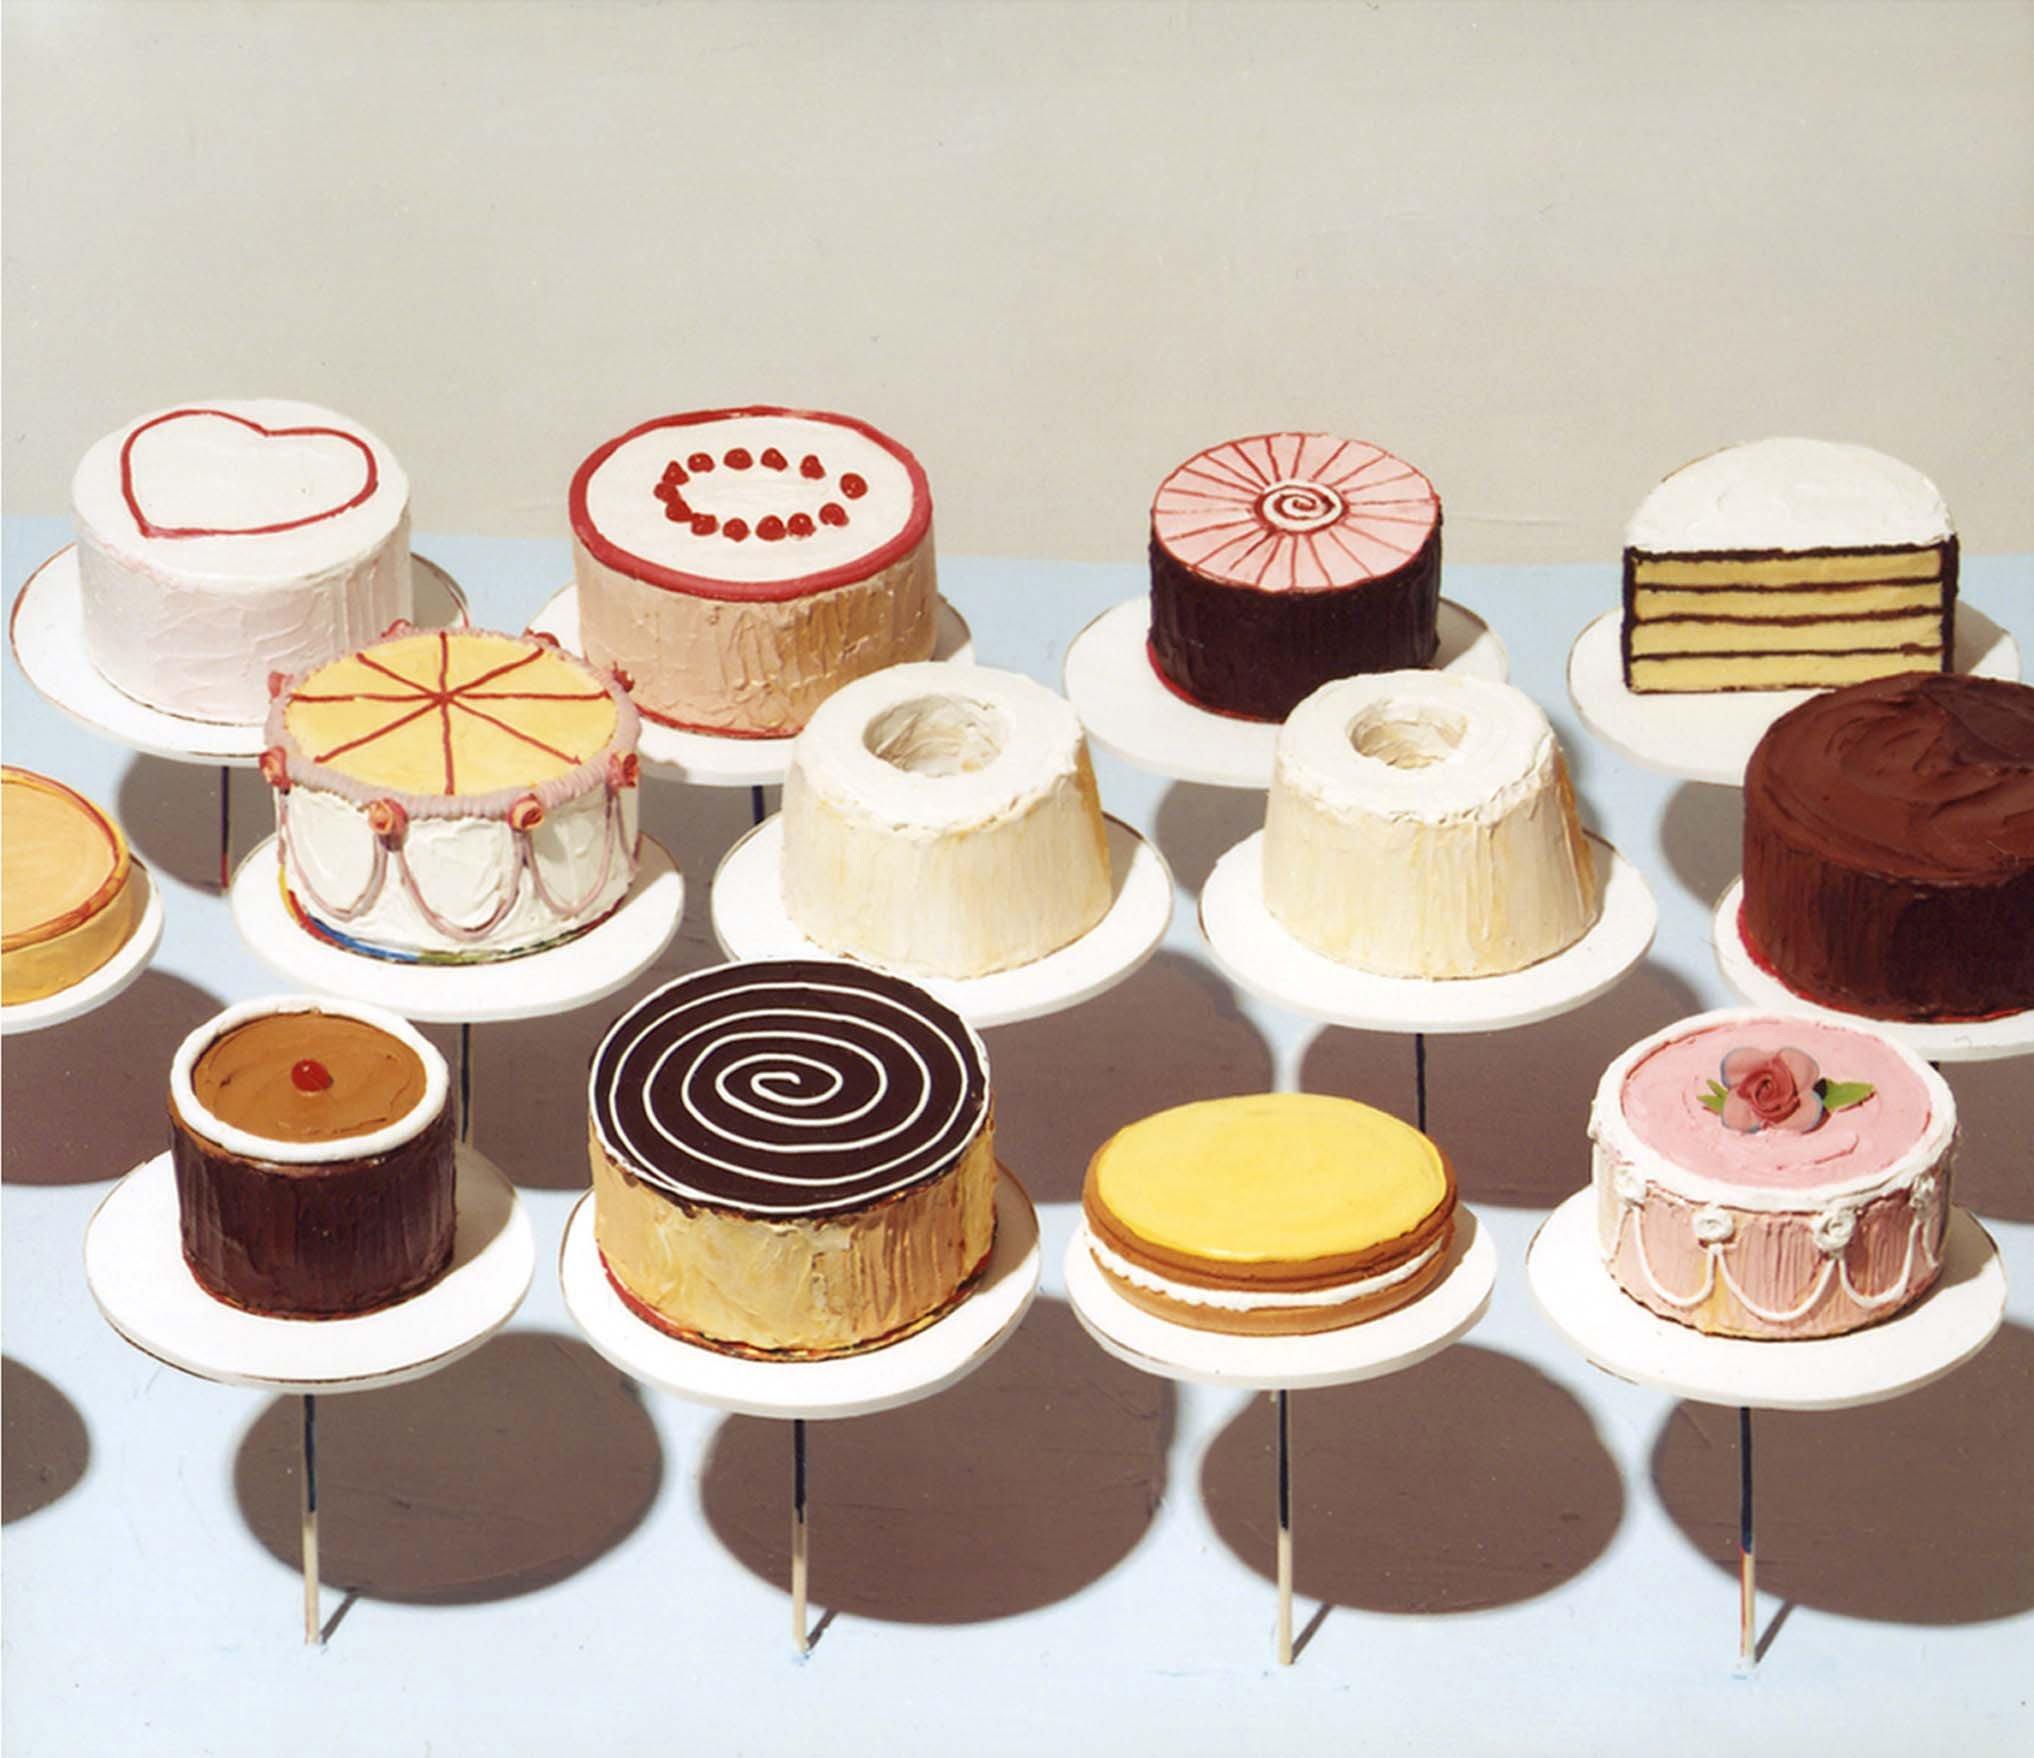 wayne-thiebaud-cakes-1963